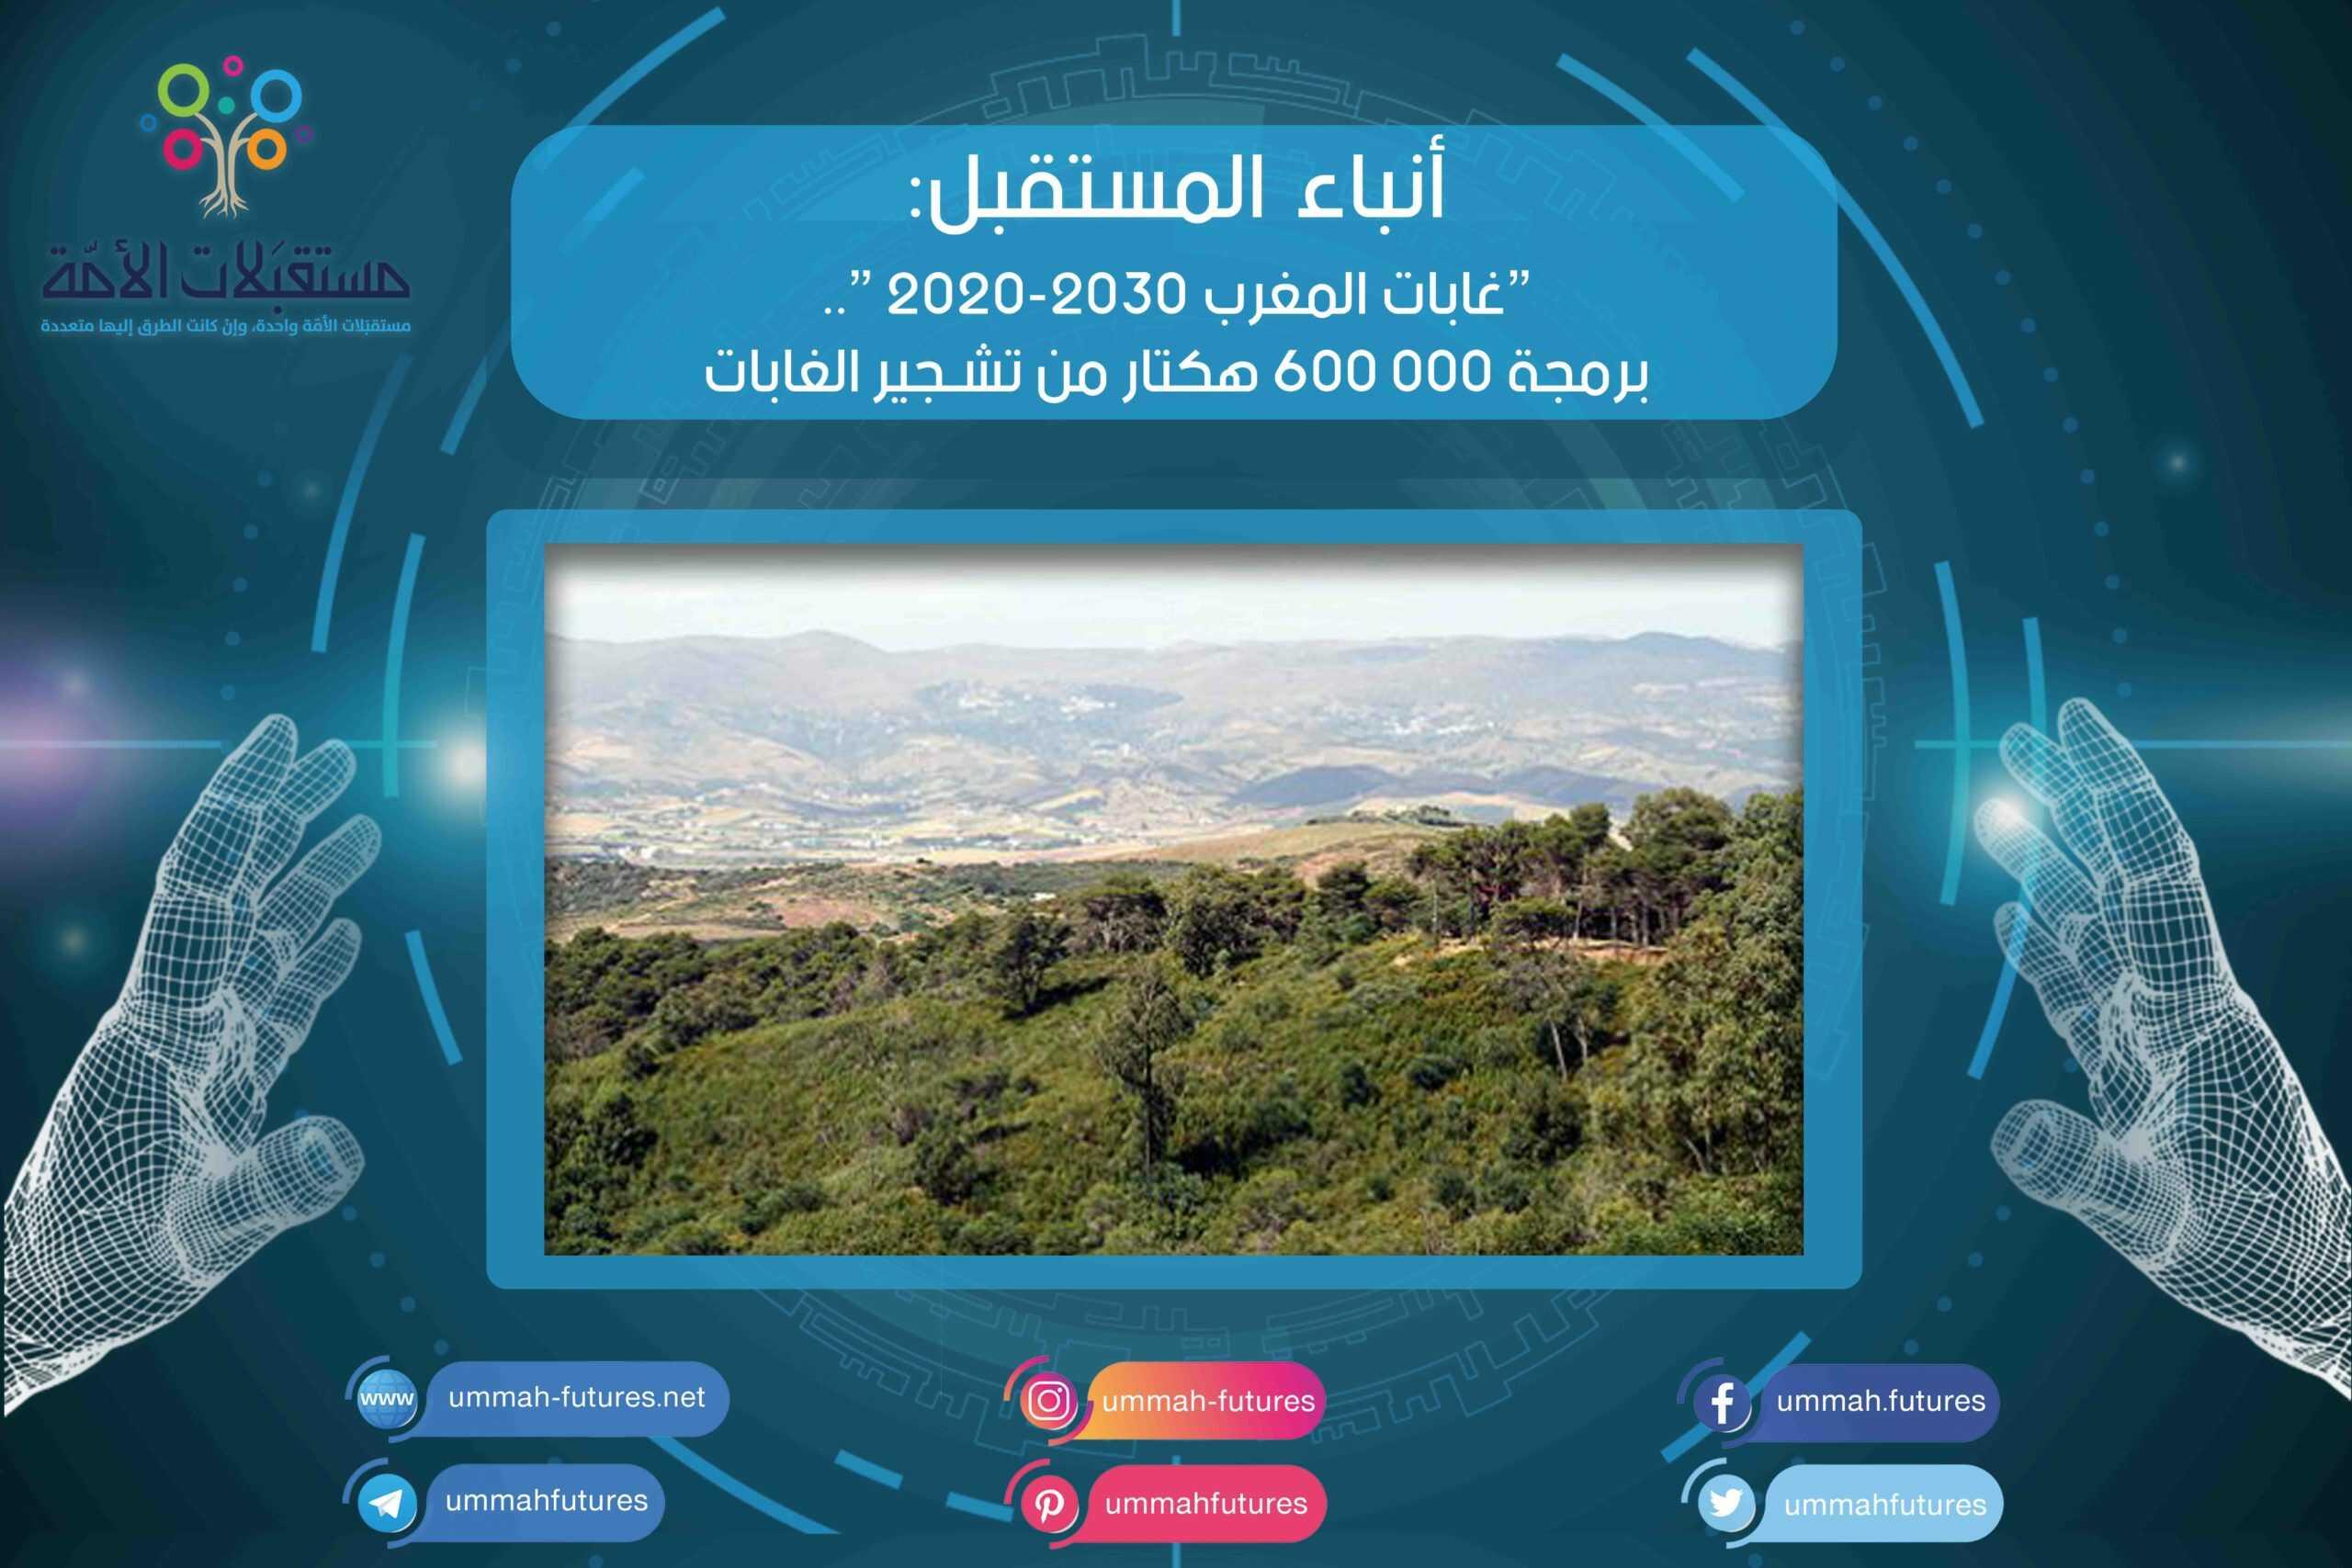 """""""غابات المغرب 2020-2030 """".. برمجة 000 600 هكتار من تشجير الغابات"""